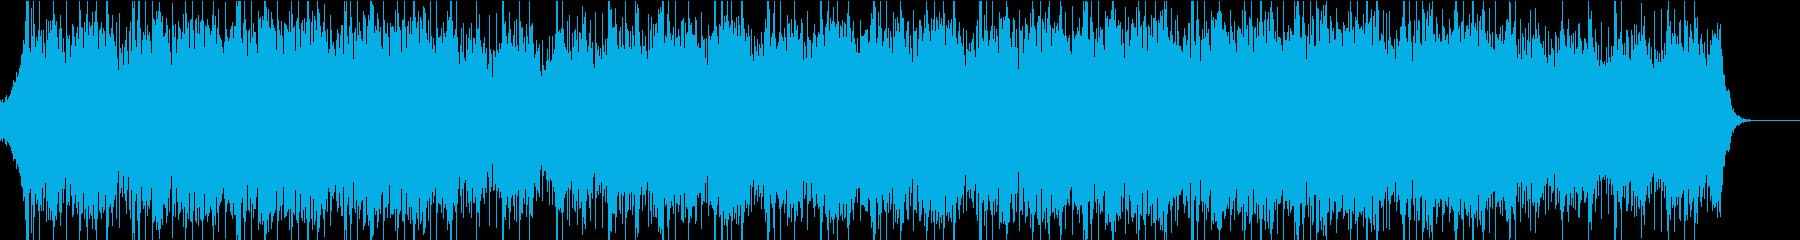 企業向け13!生エレキ、シンプル、ポップの再生済みの波形